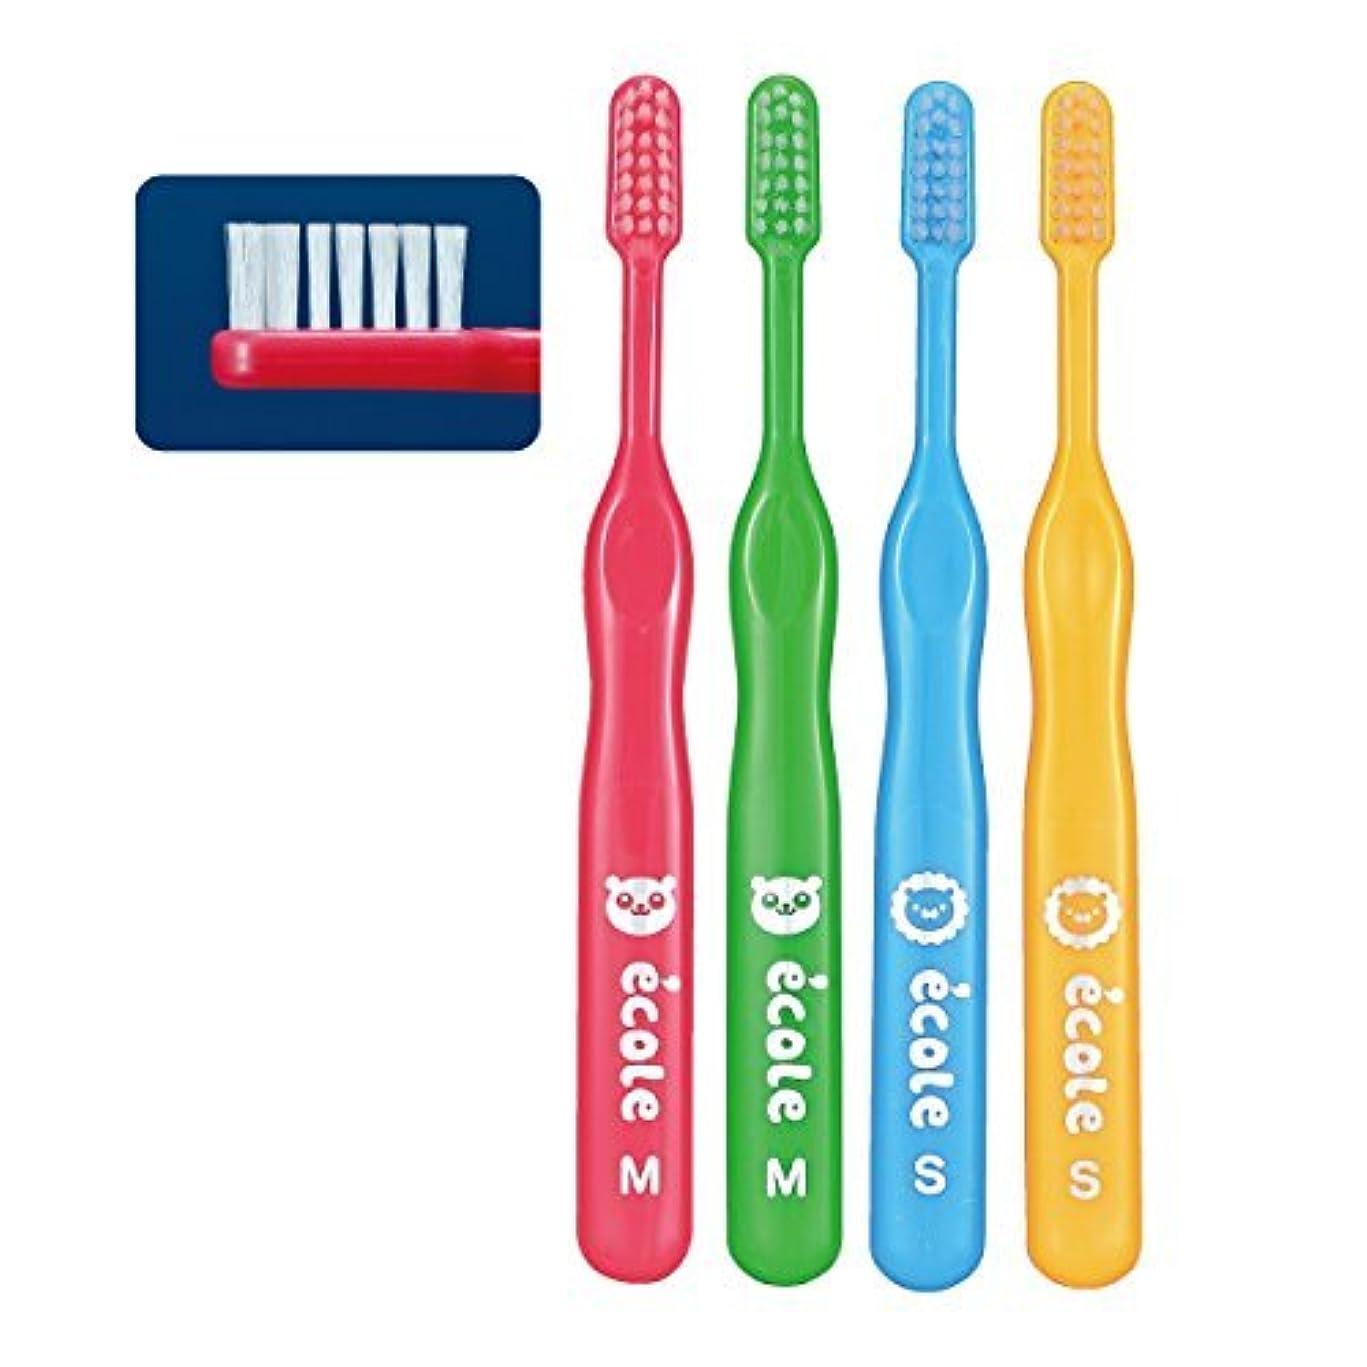 ぬいぐるみクリア雑品リセラ エコル 幼児~小学生用歯ブラシ Mふつう 10本入り